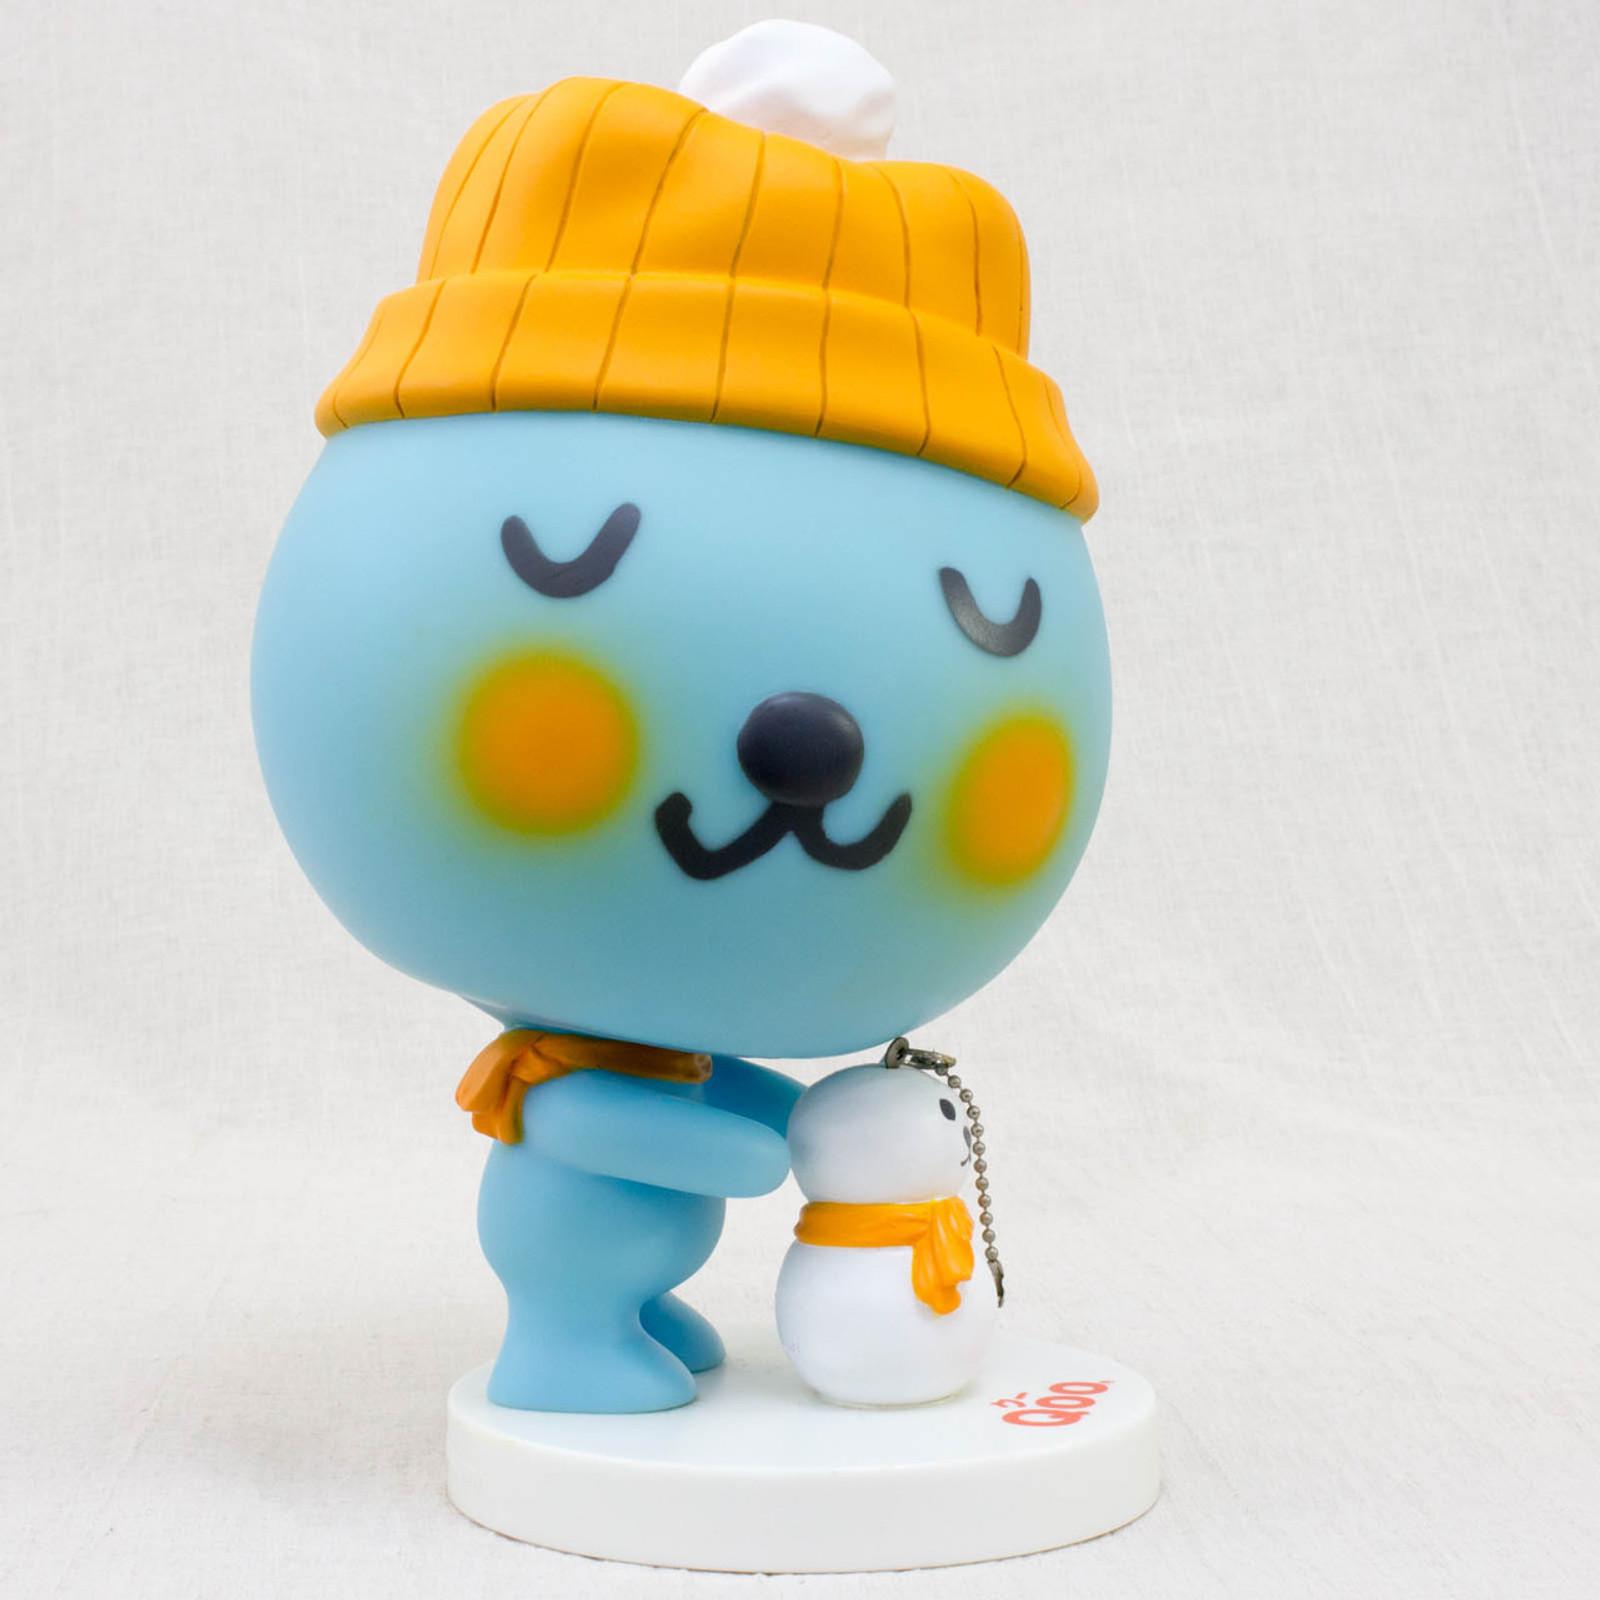 QOO with Snowman Figure Coca-Cola Yamazaki Japan Limited Product